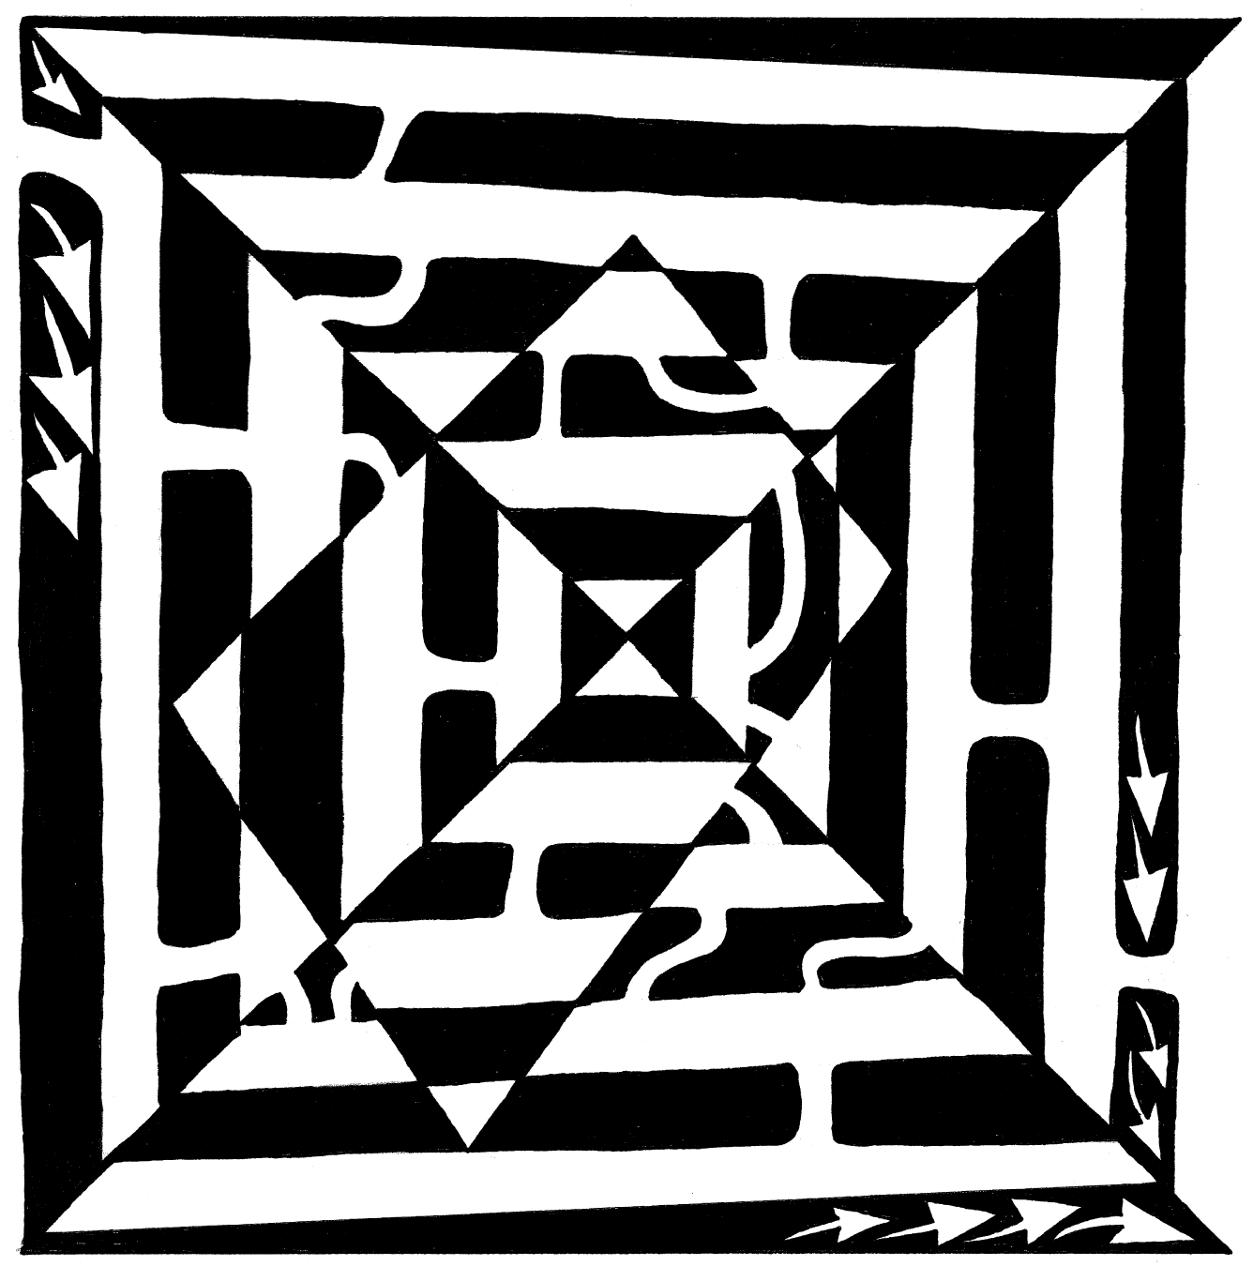 Monolith Maze by Yonatan Frimer